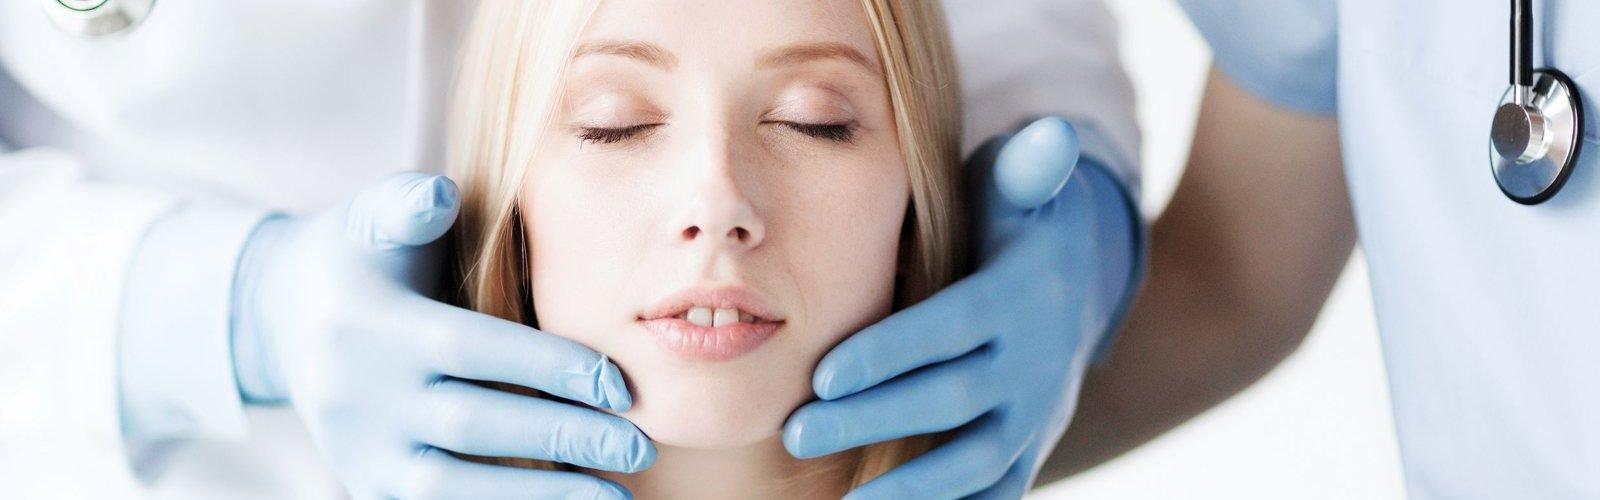 esthetische chirurgie plastische chirurgie